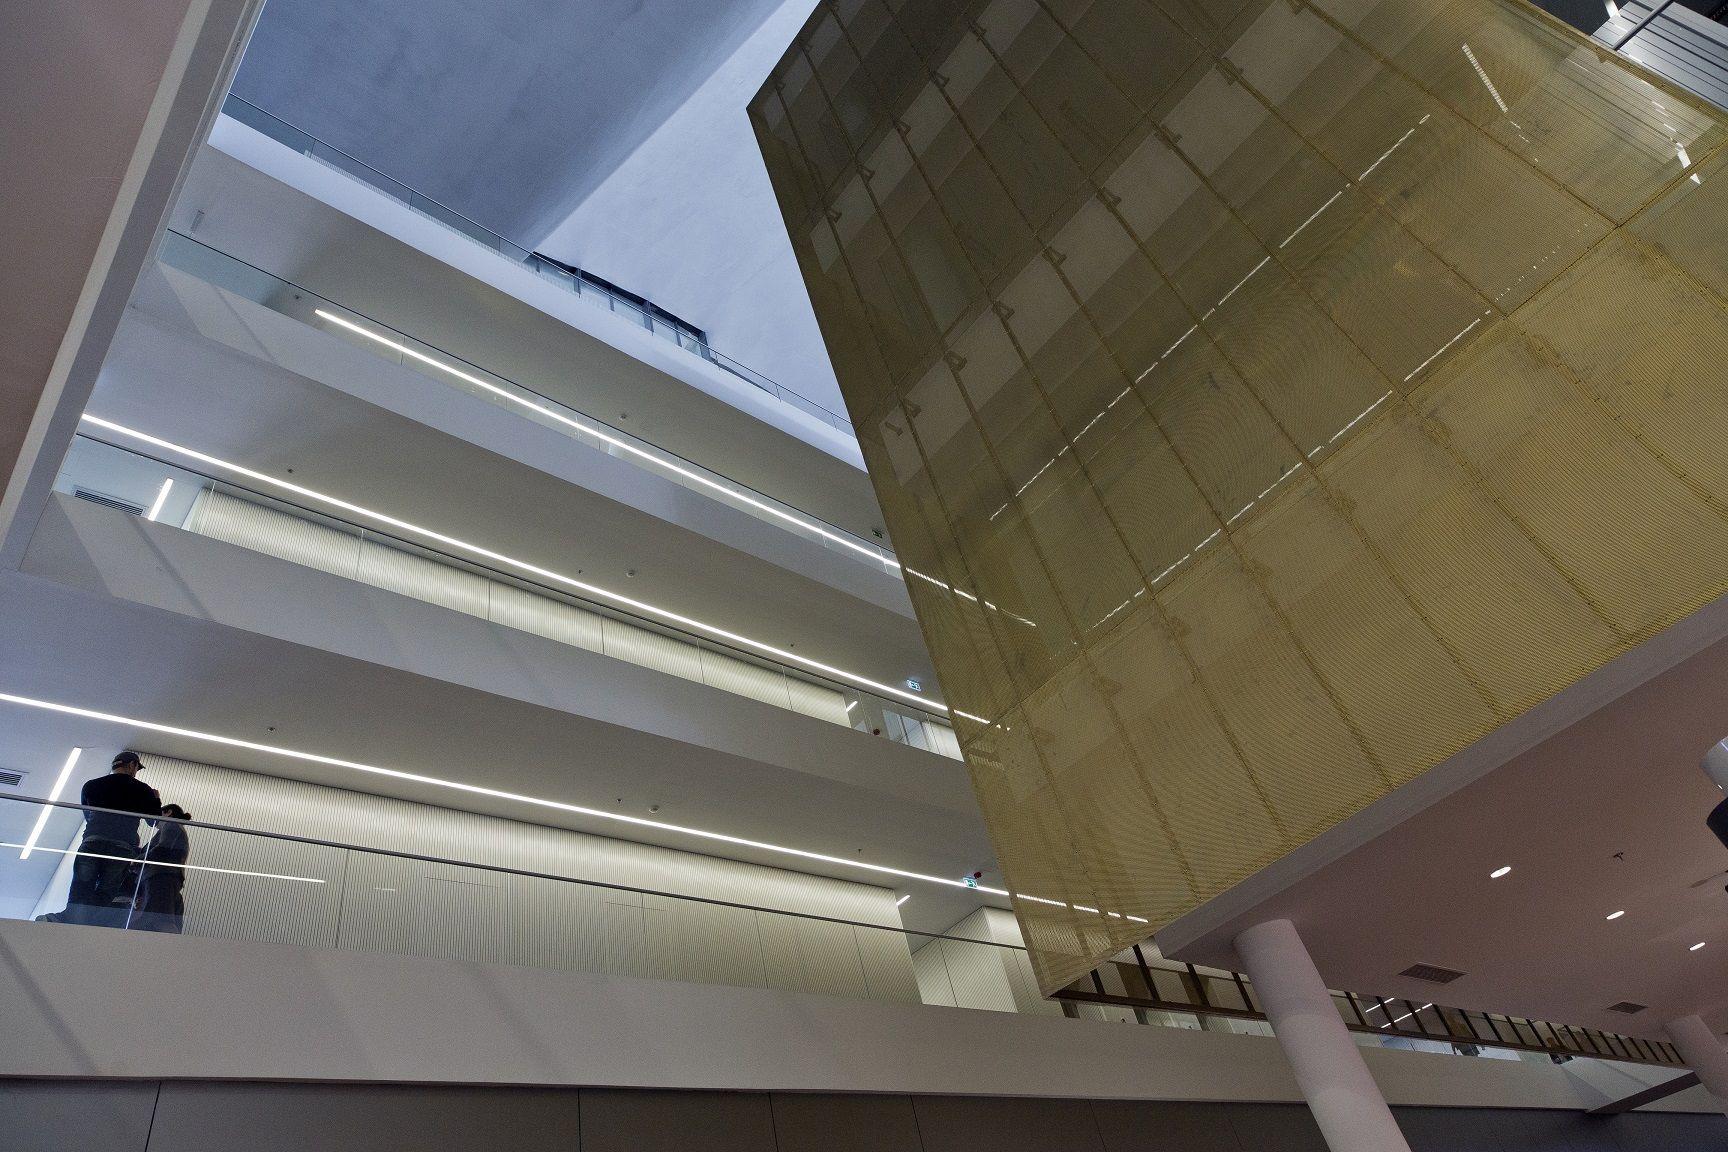 Frontlicht design tbilisi public service hall in tbilisi georgiau architectural